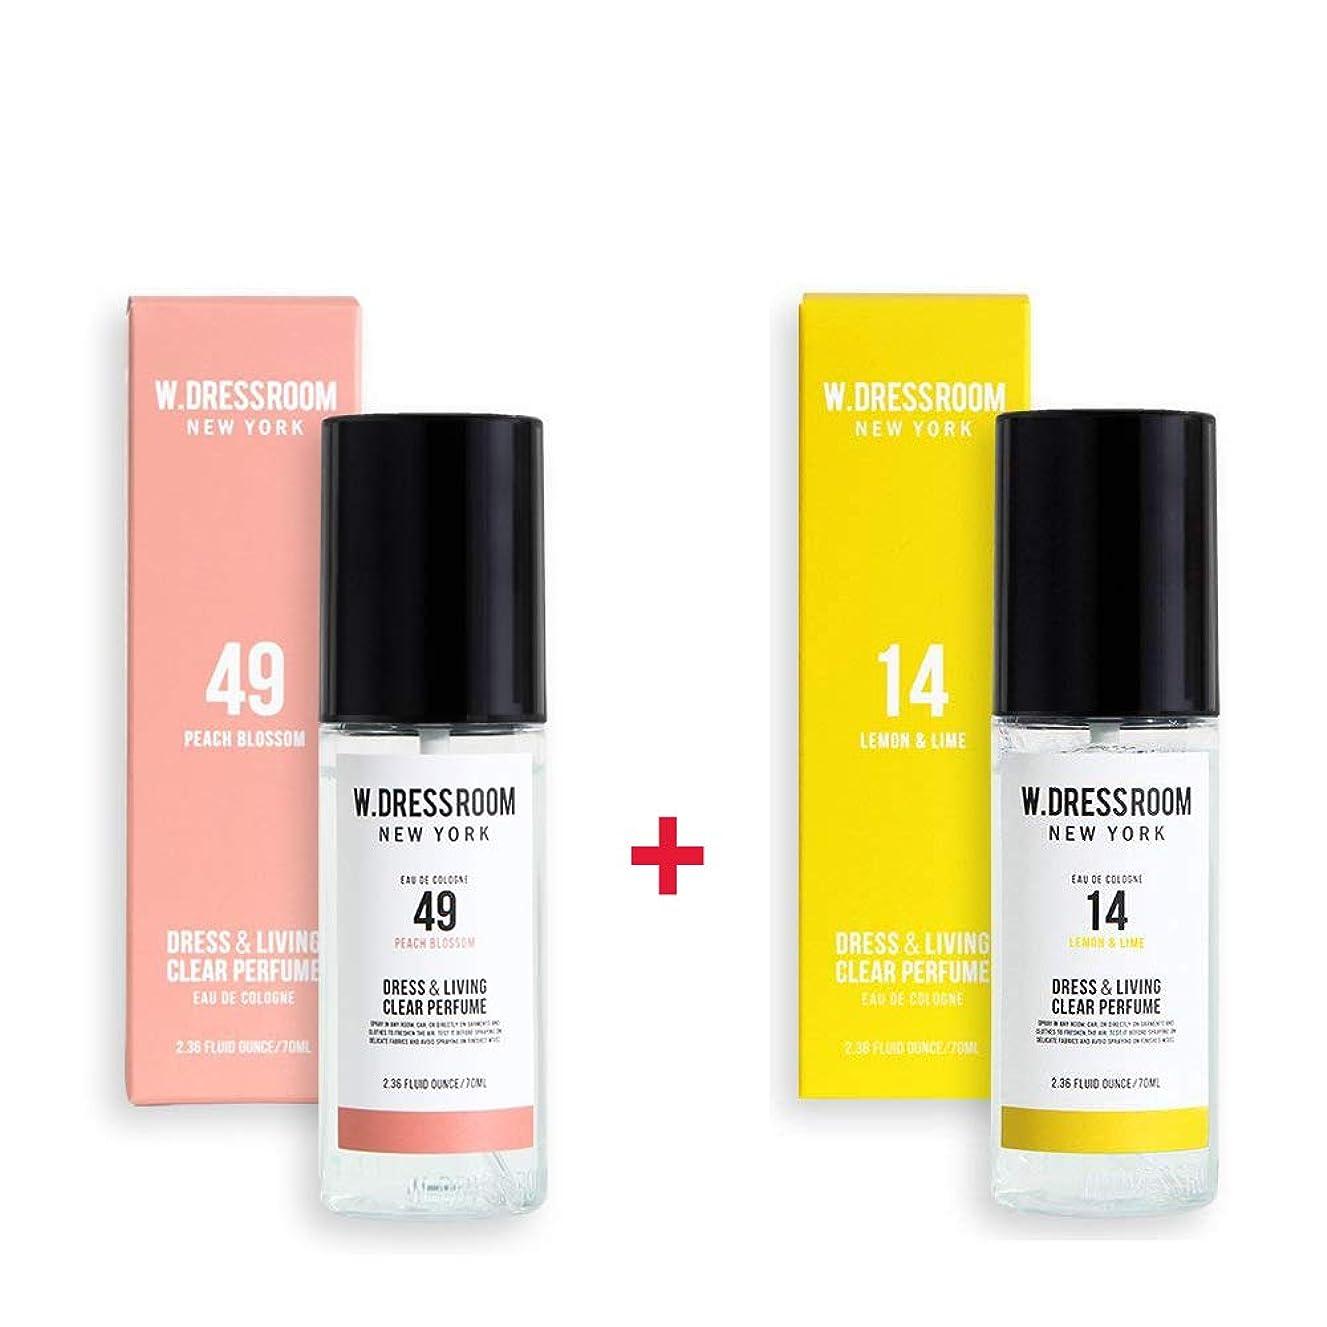 トラフ右封建W.DRESSROOM Dress & Living Clear Perfume 70ml (No 49 Peach Blossom)+(No 14 Lemon & Lime)